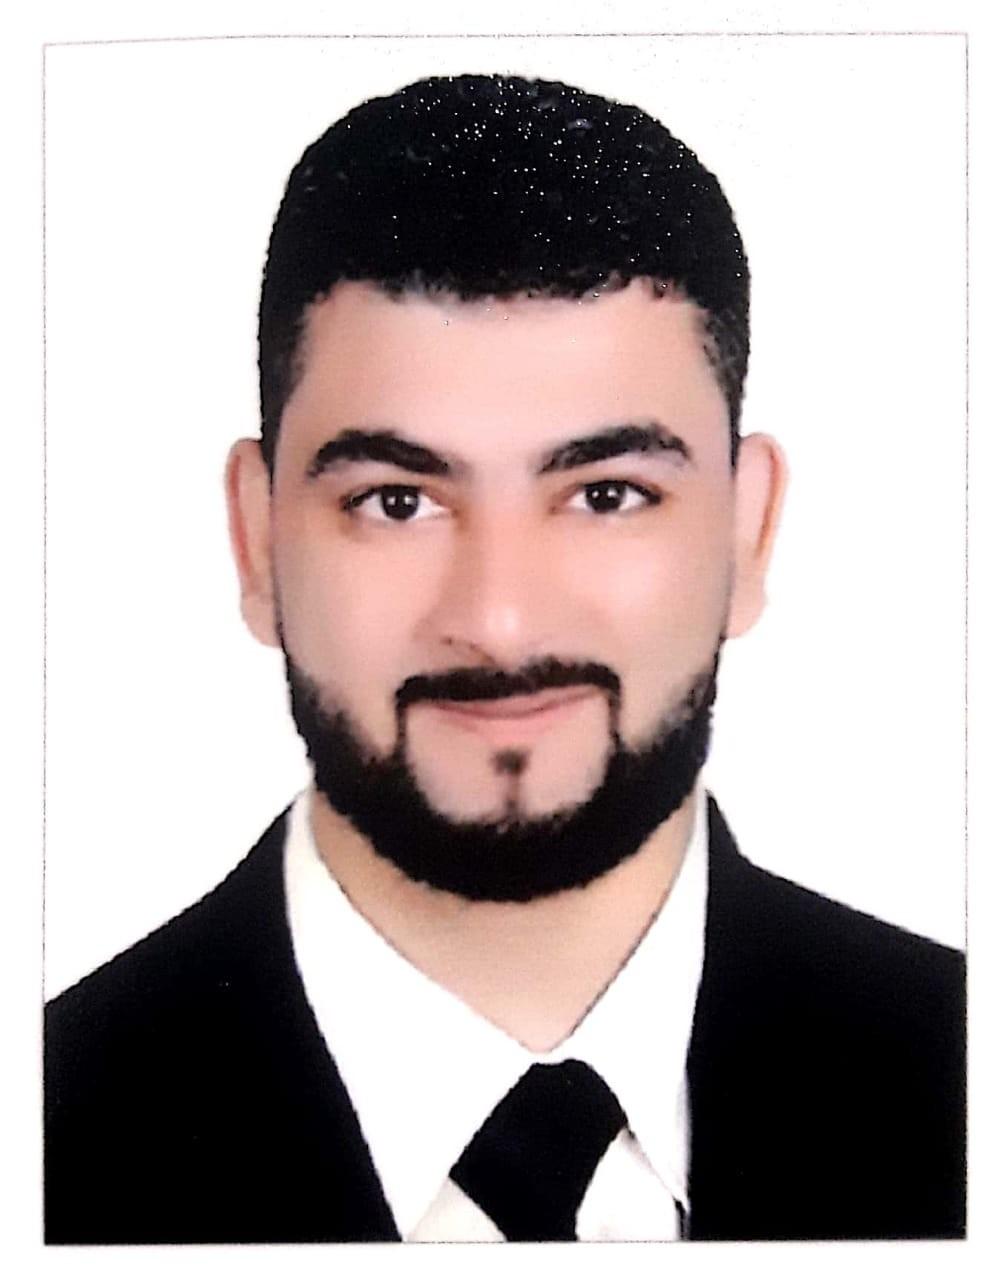 Osman eltantawy